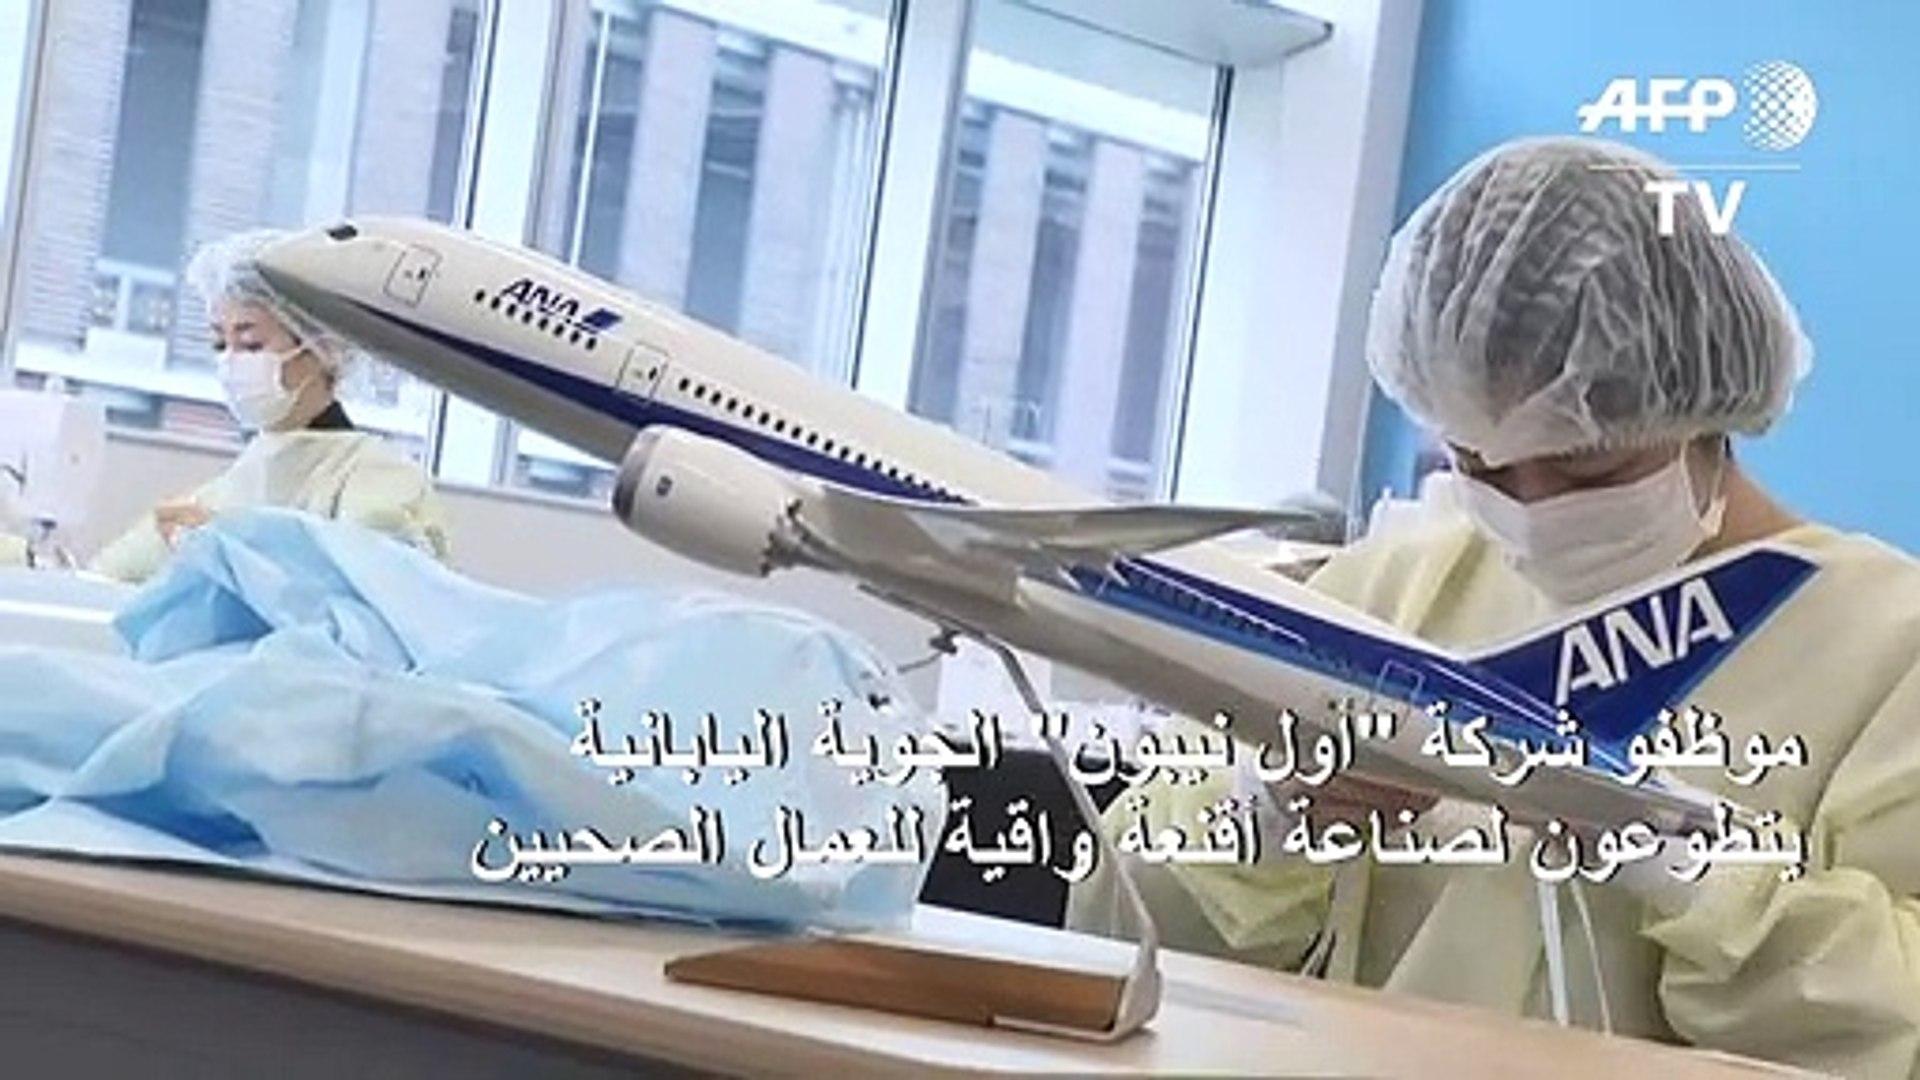 موظفو شركة طيران يابانية يصنعون أقنعة واقية للعمال الصحيين